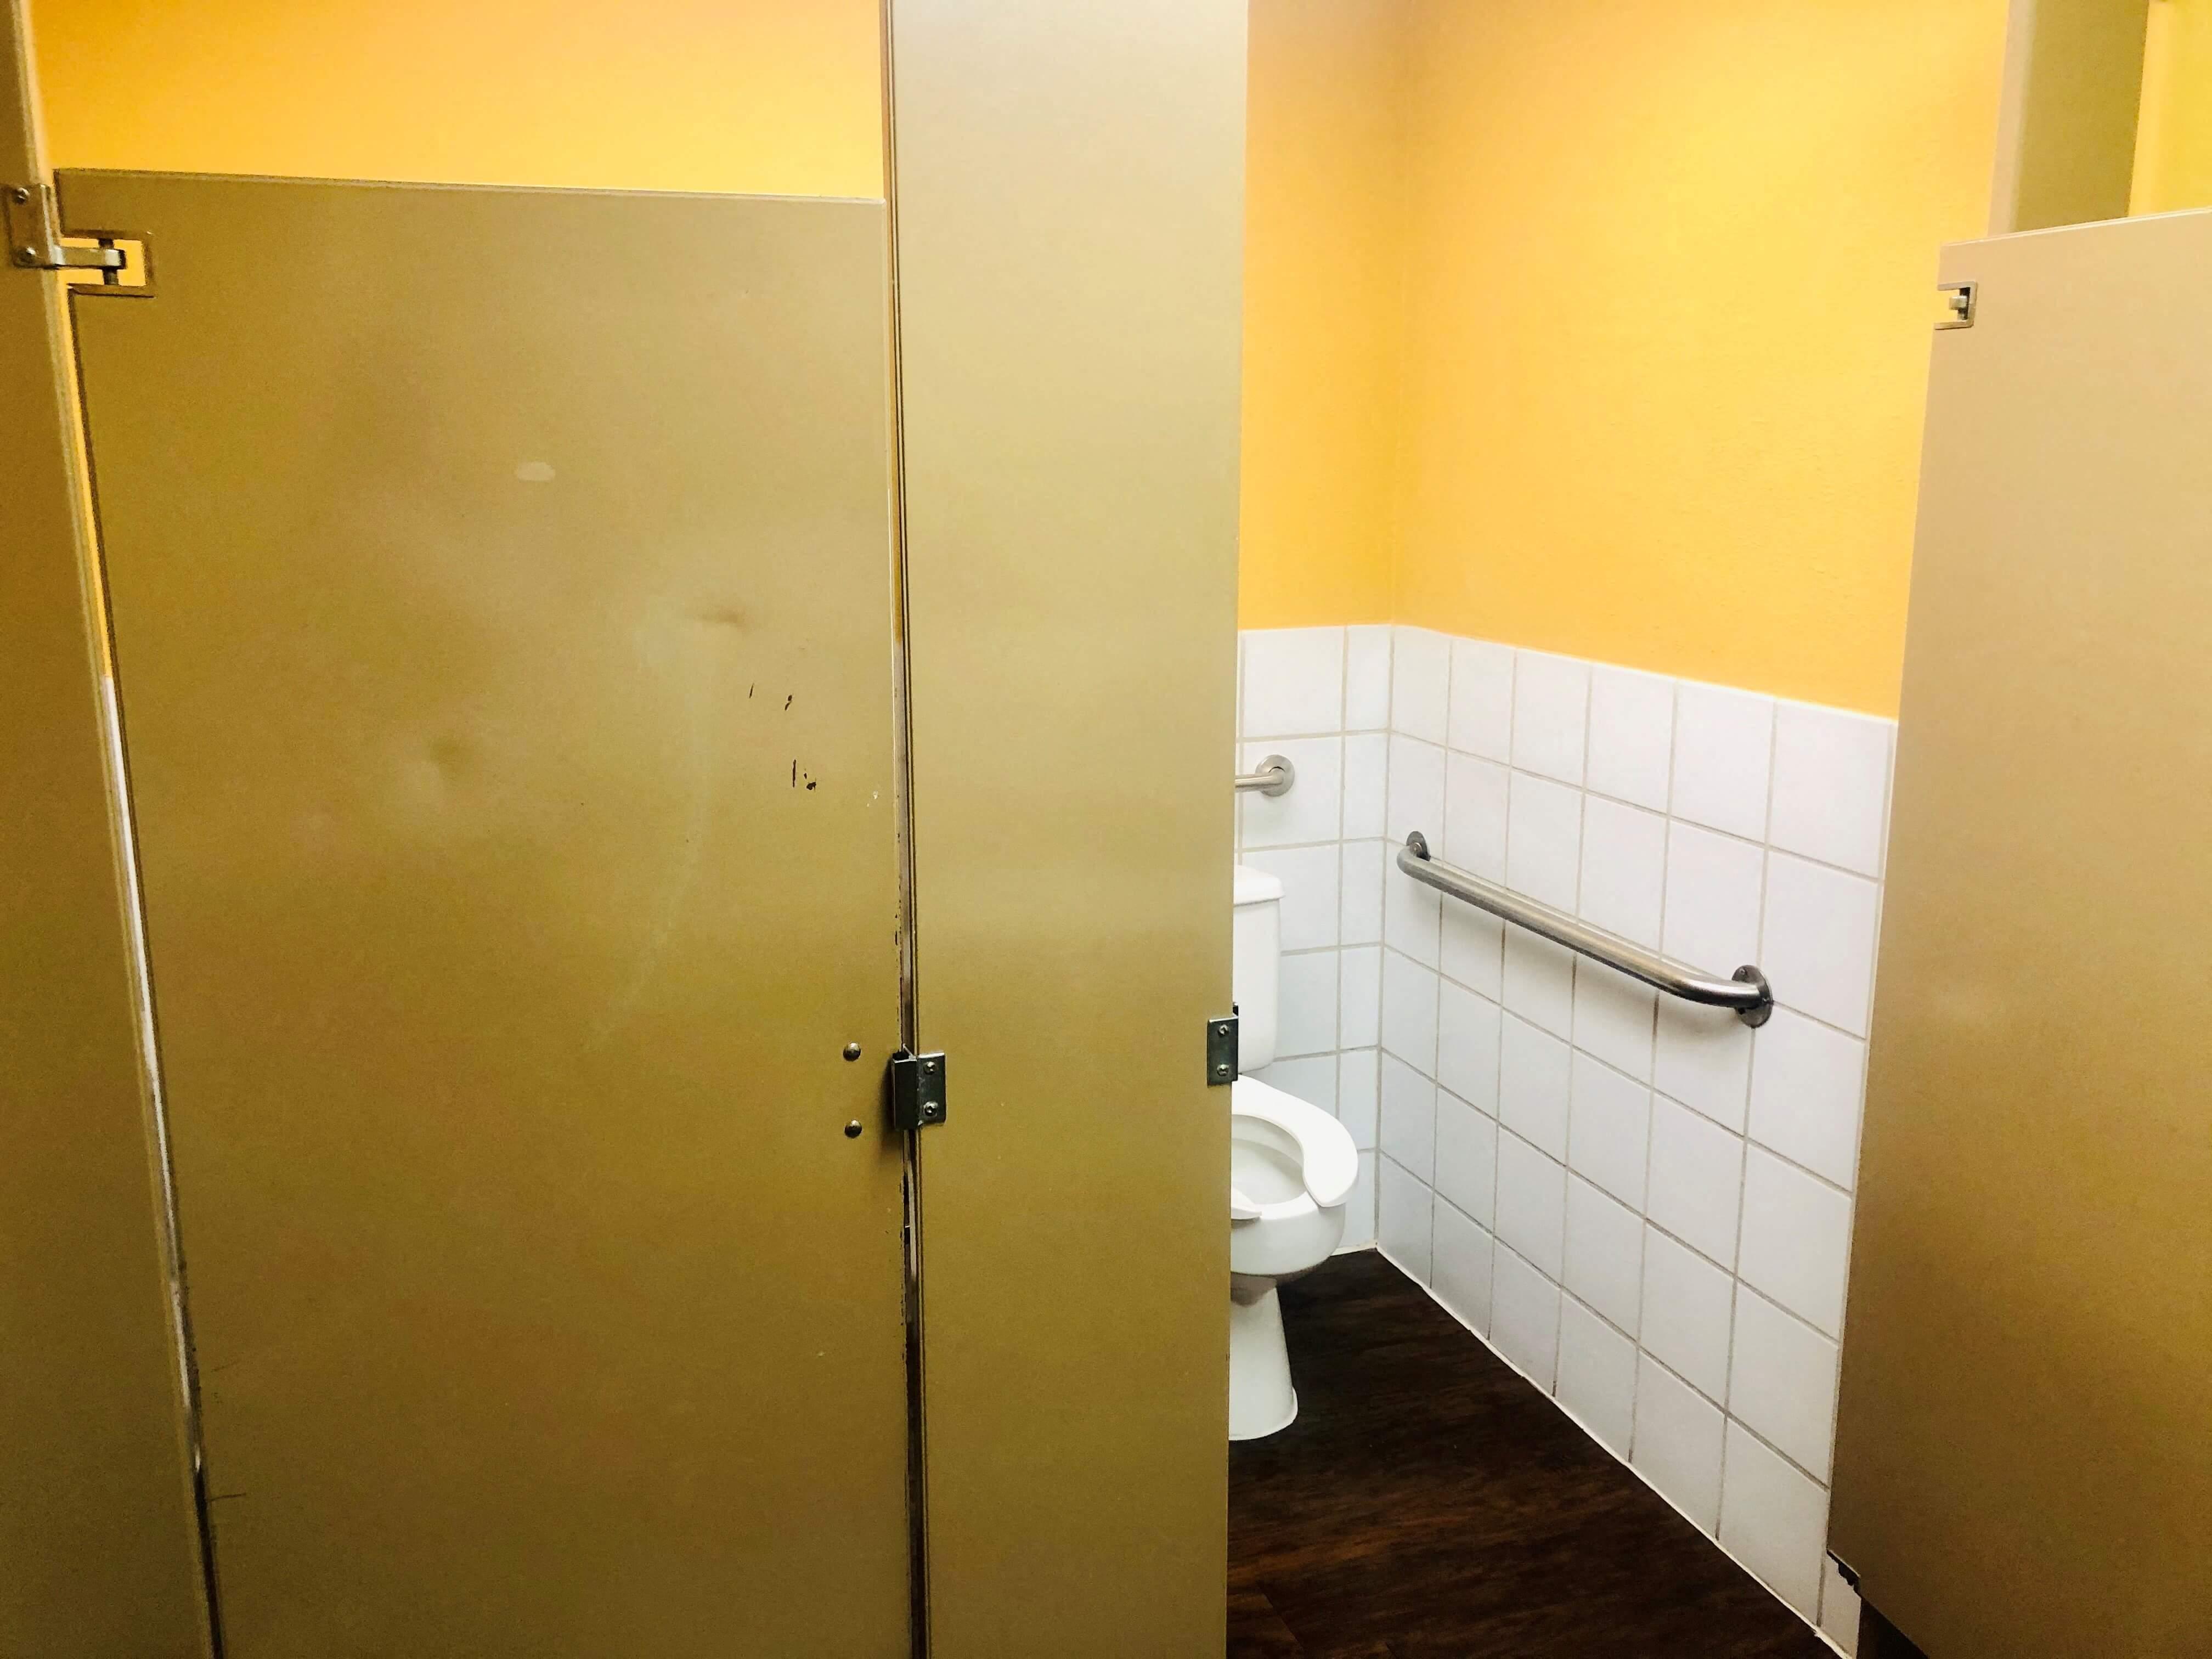 Public bathroom stall with grab-bar.